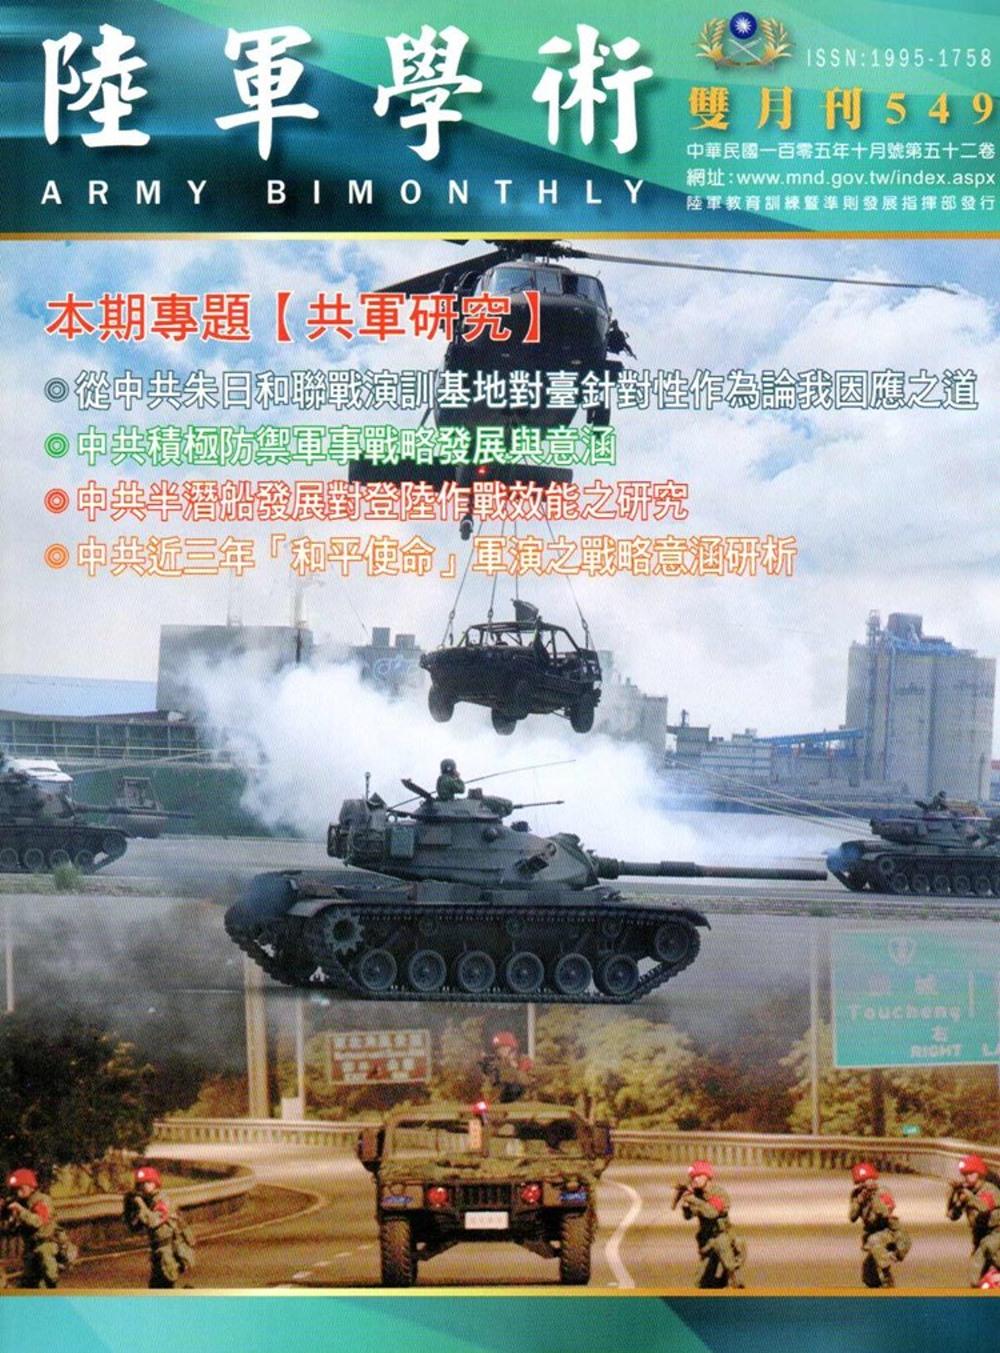 陸軍學術雙月刊549期(105.10)